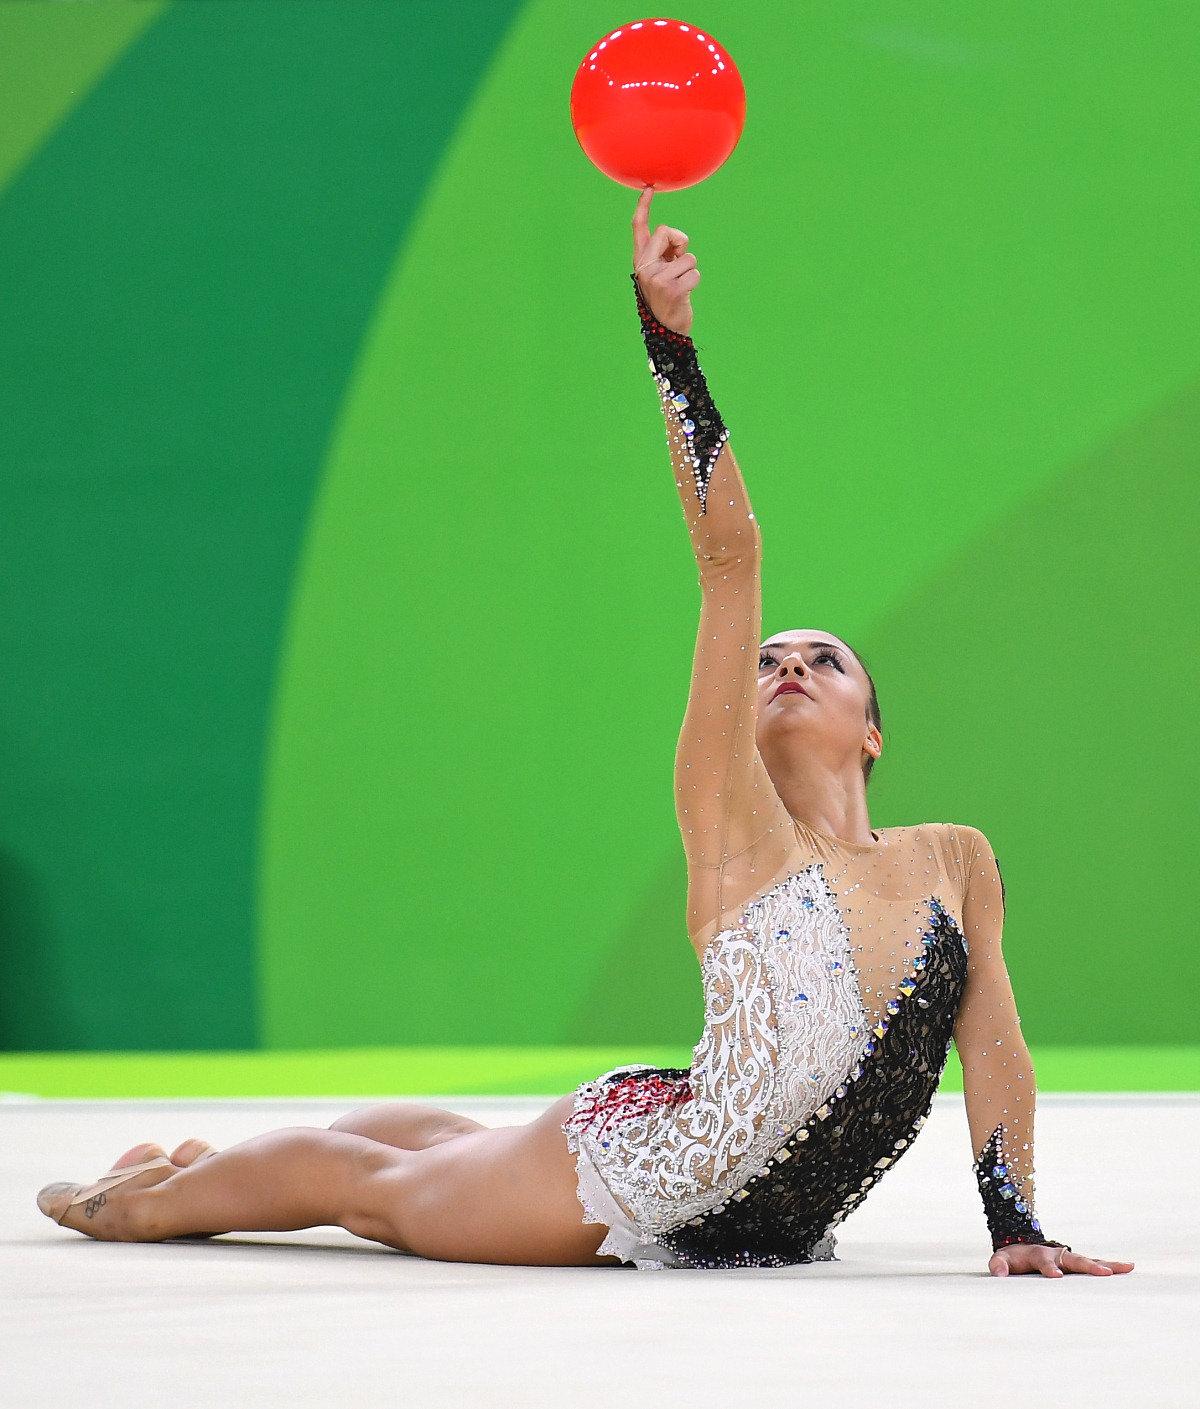 переднеприводный гимнастки художницы фото размеренные